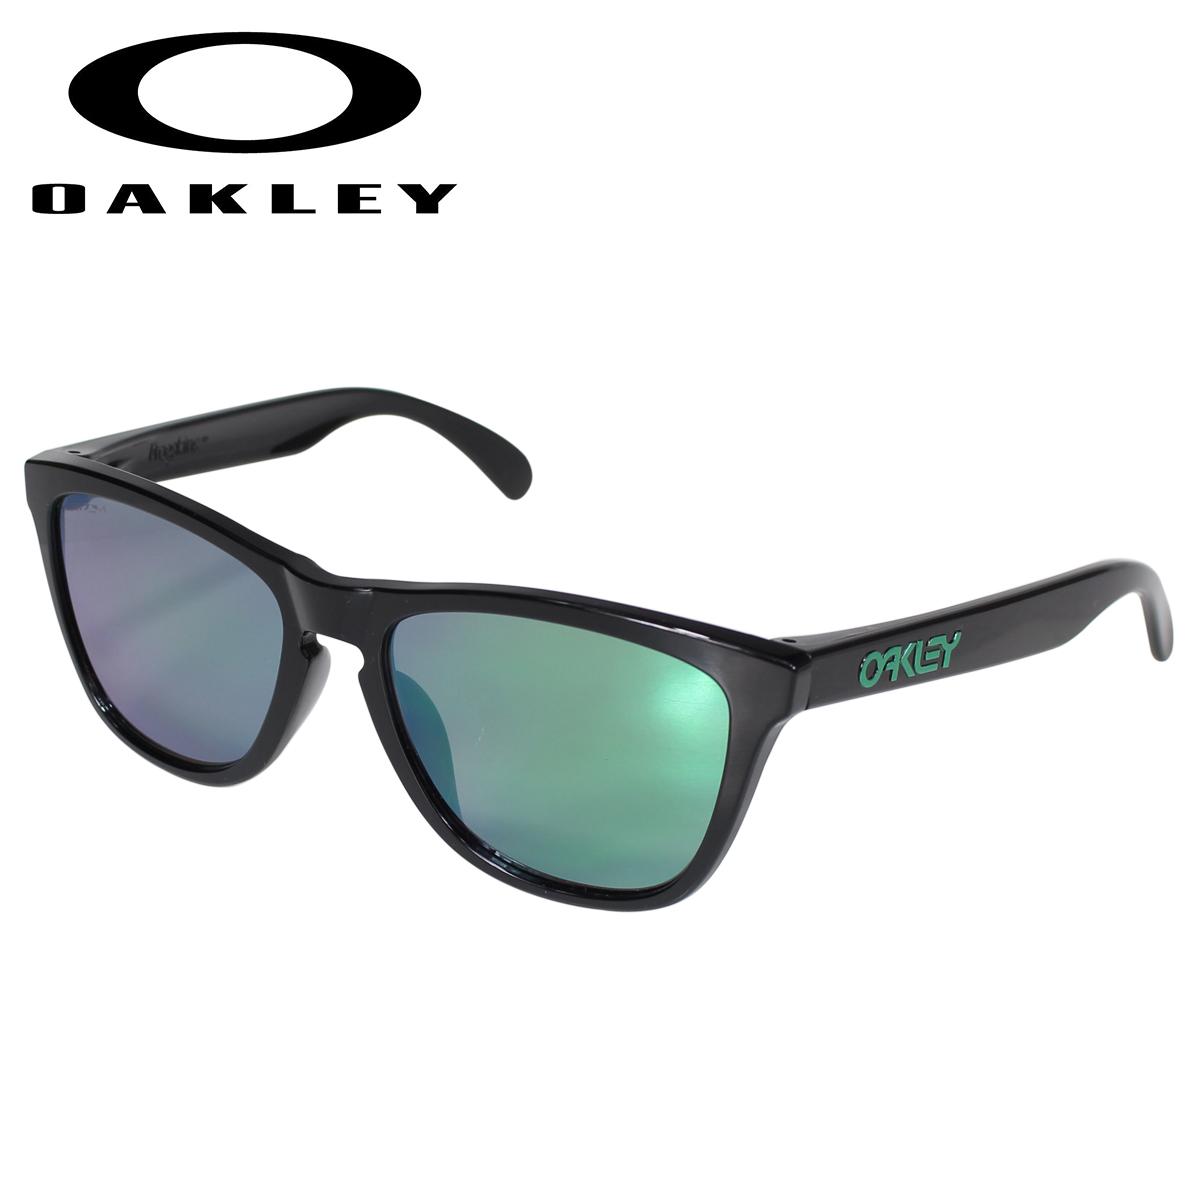 【最大2000円OFFクーポン】 オークリー Oakley サングラス フロッグスキン アジアンフィット メンズ レディース Frogskins ASIA FIT ブラック OO9245-6454